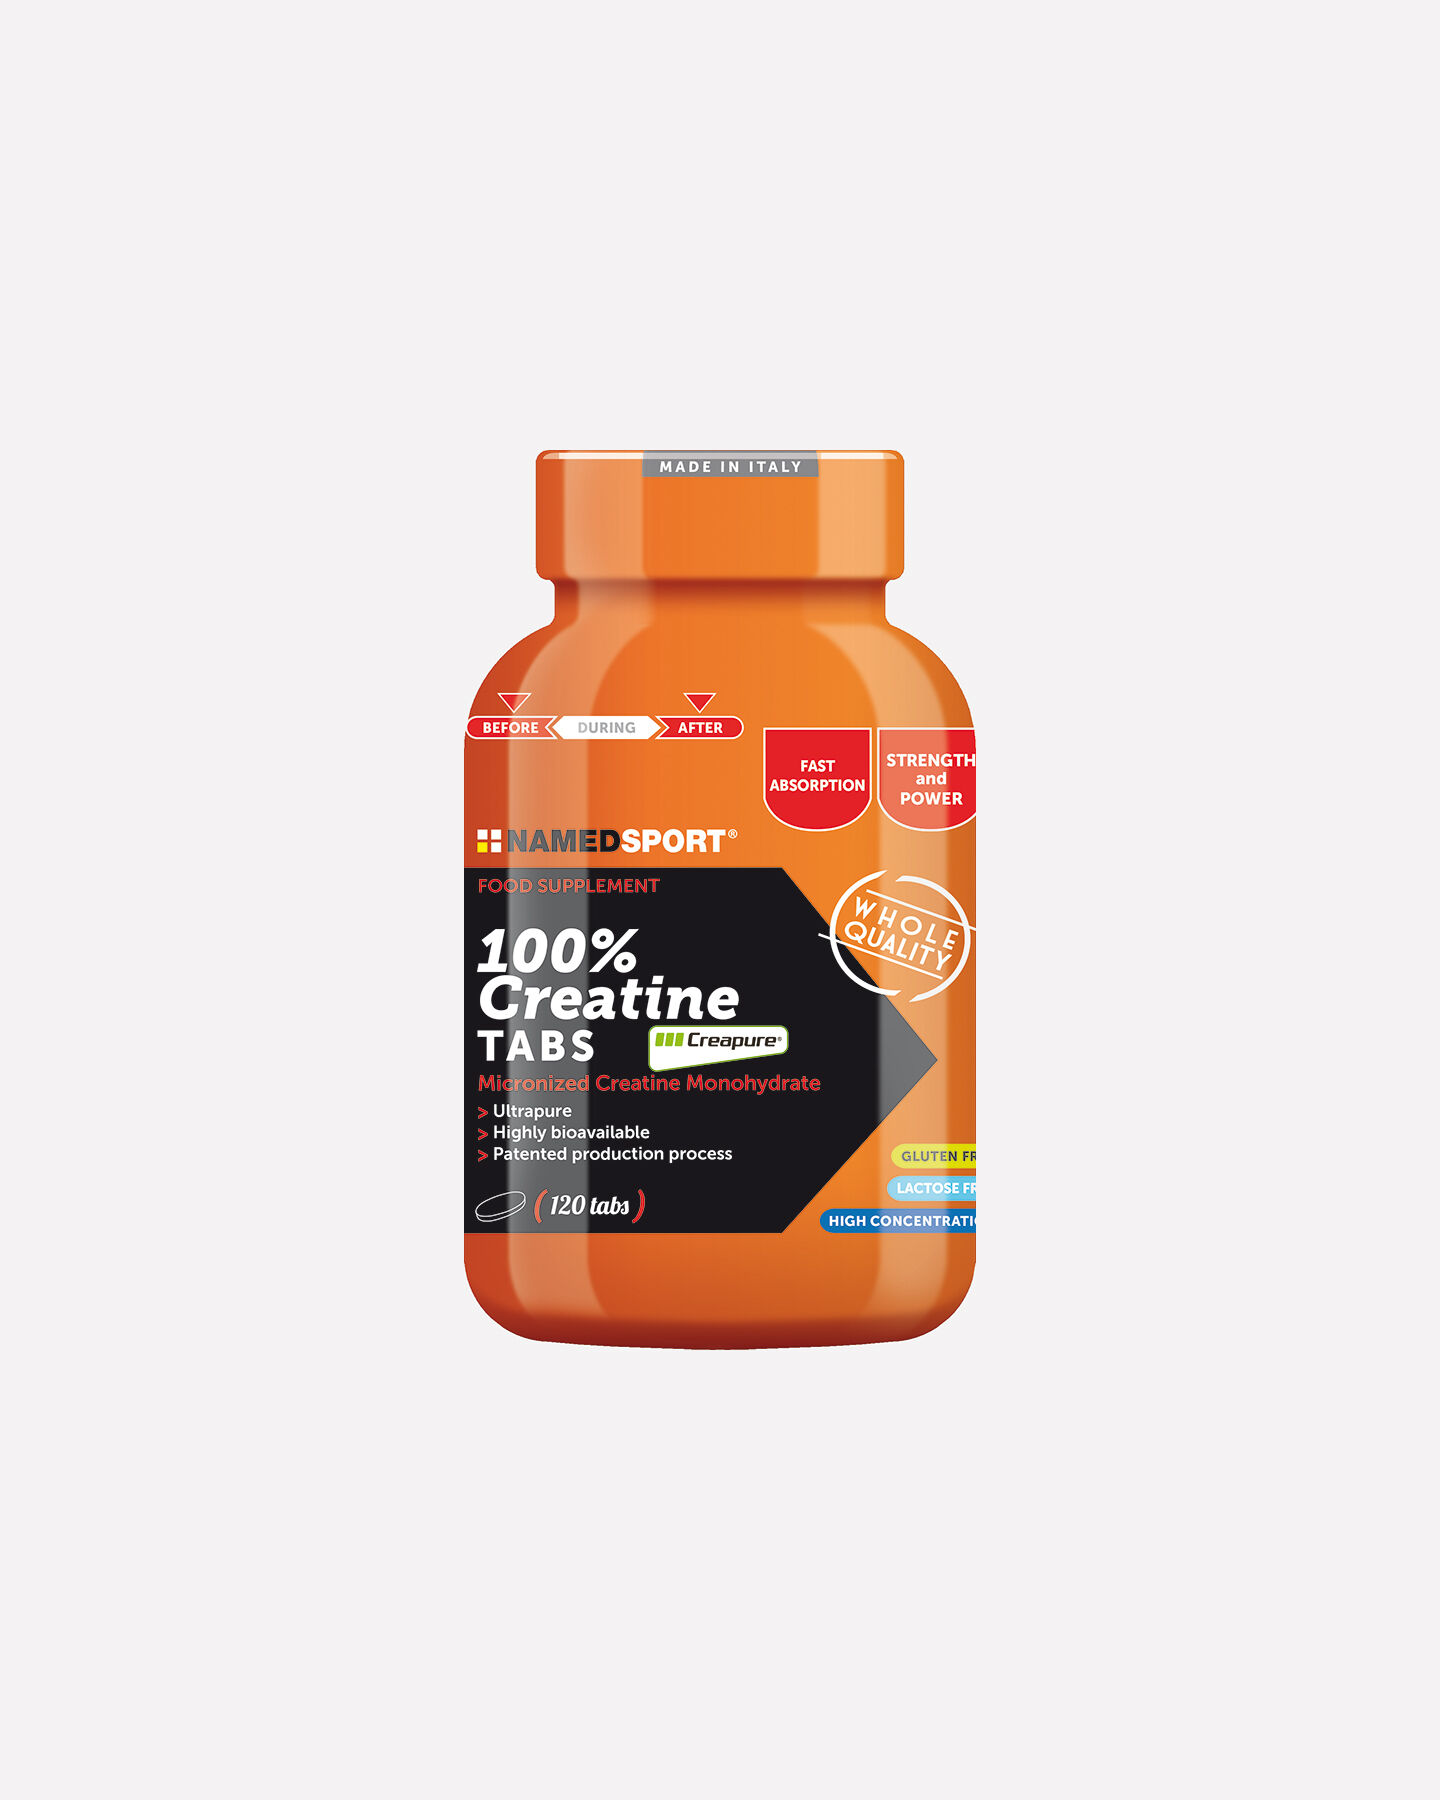 Energetico NAMED SPORT CREATINA 100% 120 CP S1308838 1 UNI scatto 0